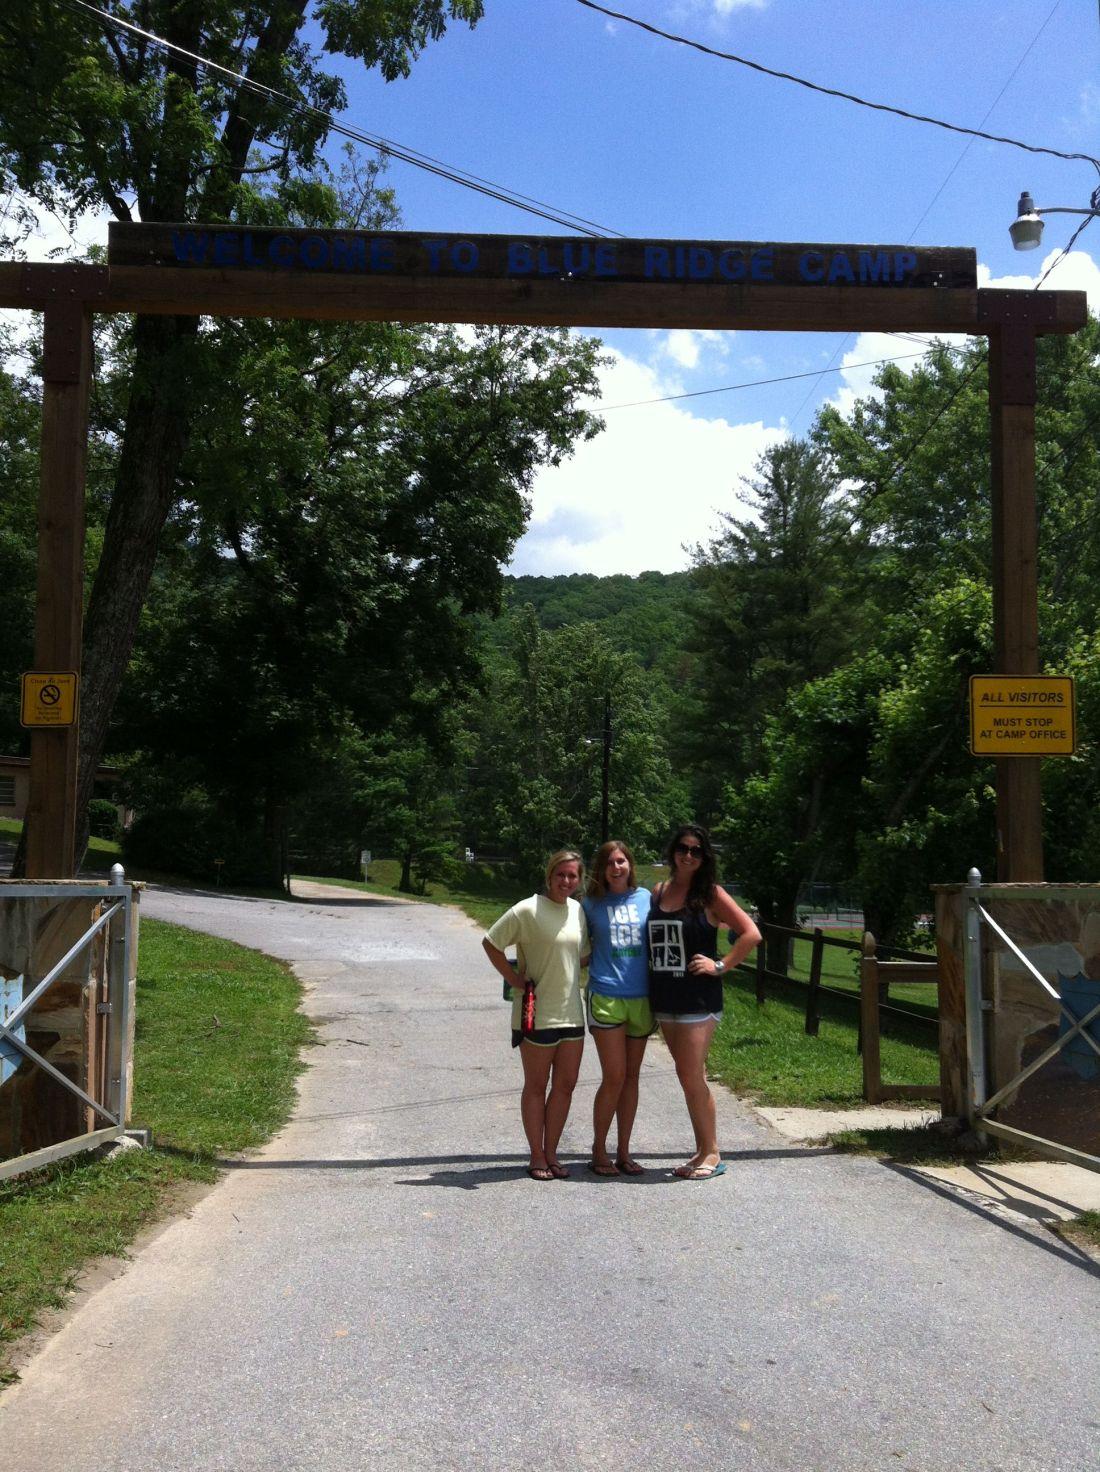 Girls at Camp Sign